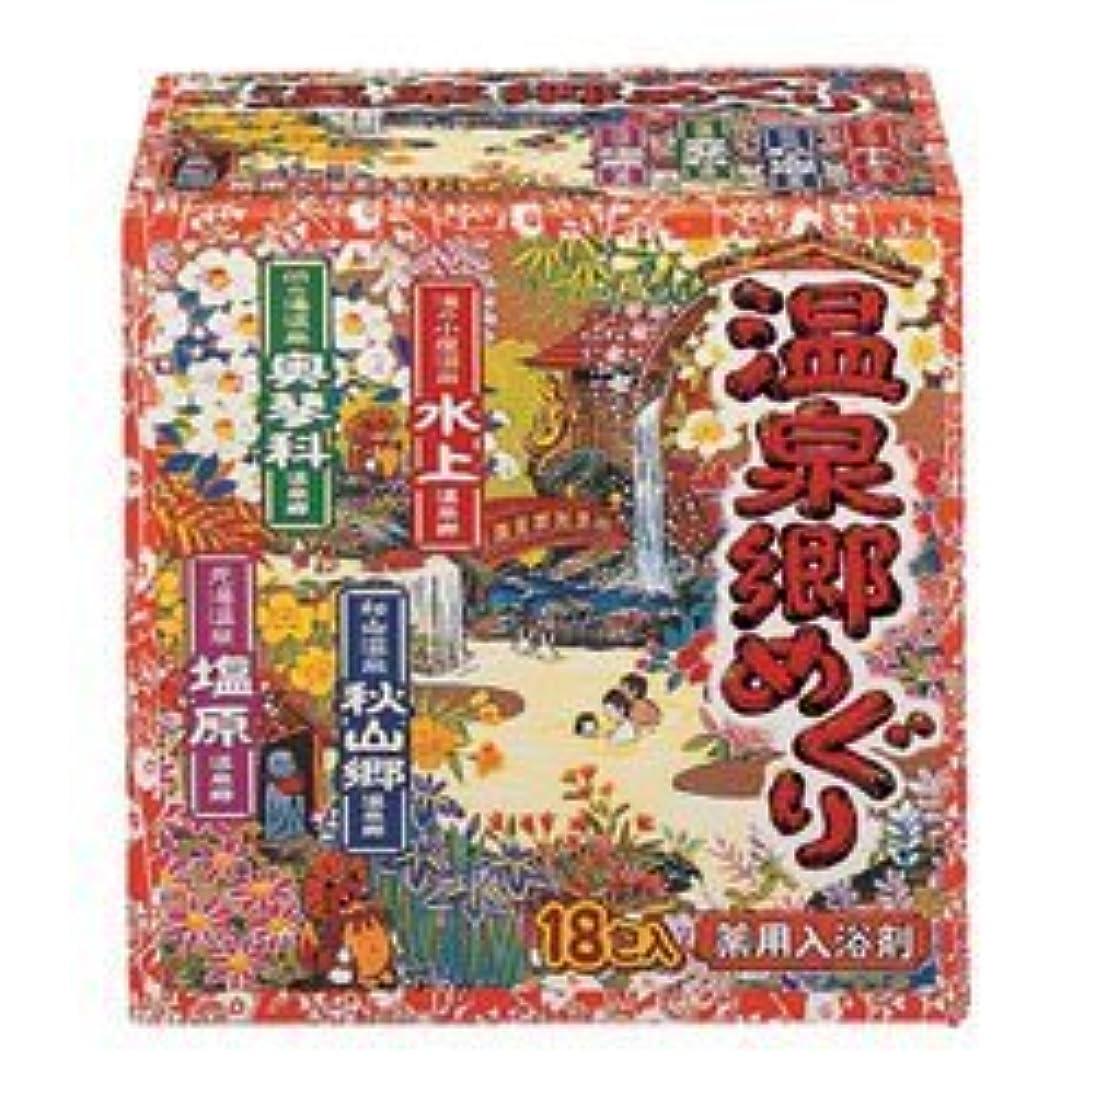 異形隔離モーター【アース製薬】温泉郷めぐり 入浴剤 18包入 ×5個セット